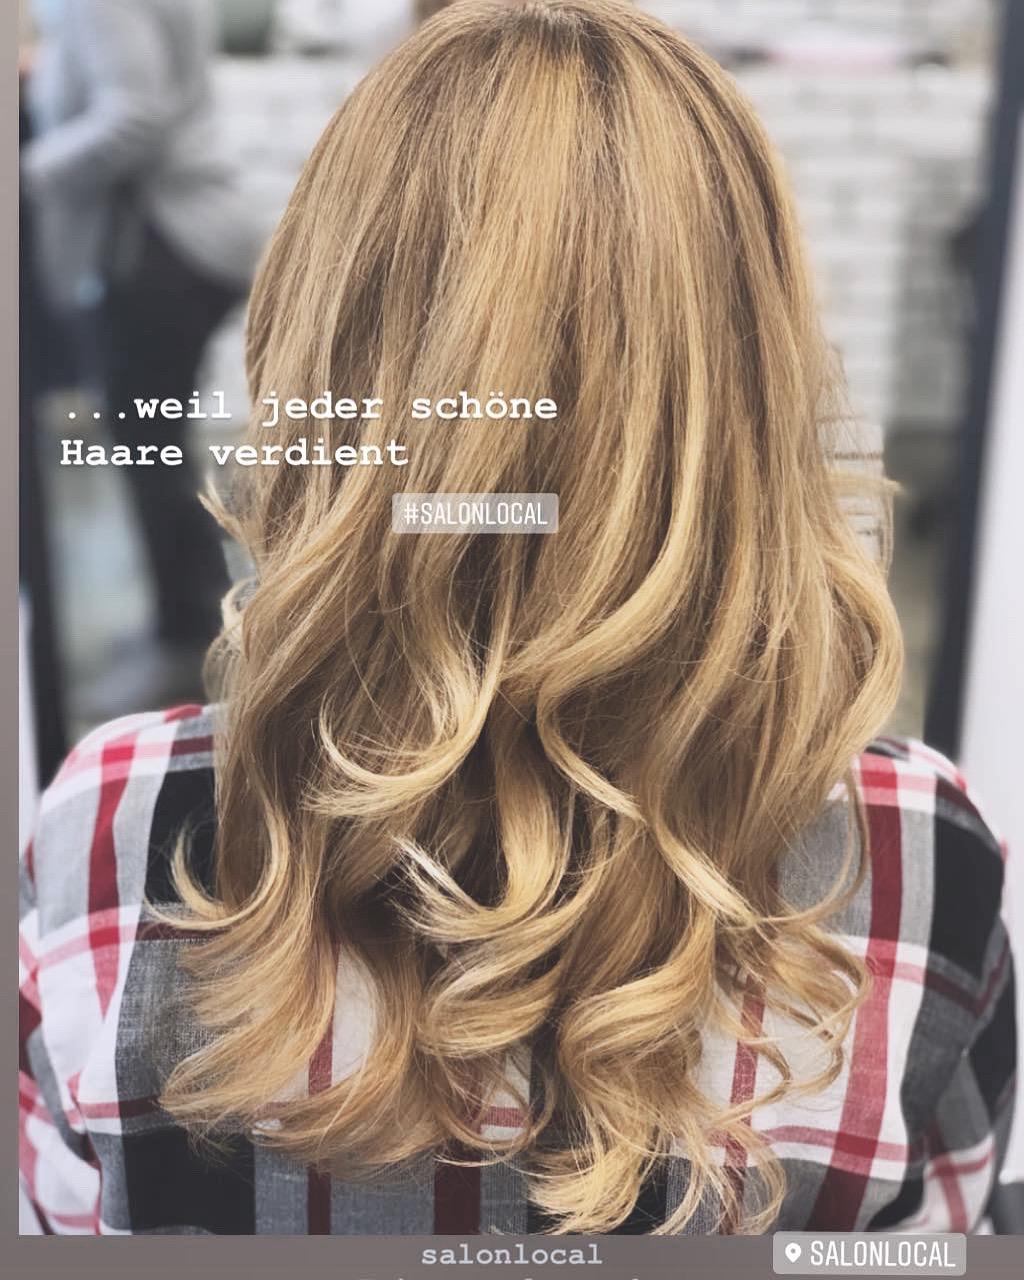 Die richtige Beratung ist das Ziel. ...weil jeder schöne Haare verdient #salonlocal Salonlocal Friseursalon & mehr in Gießen